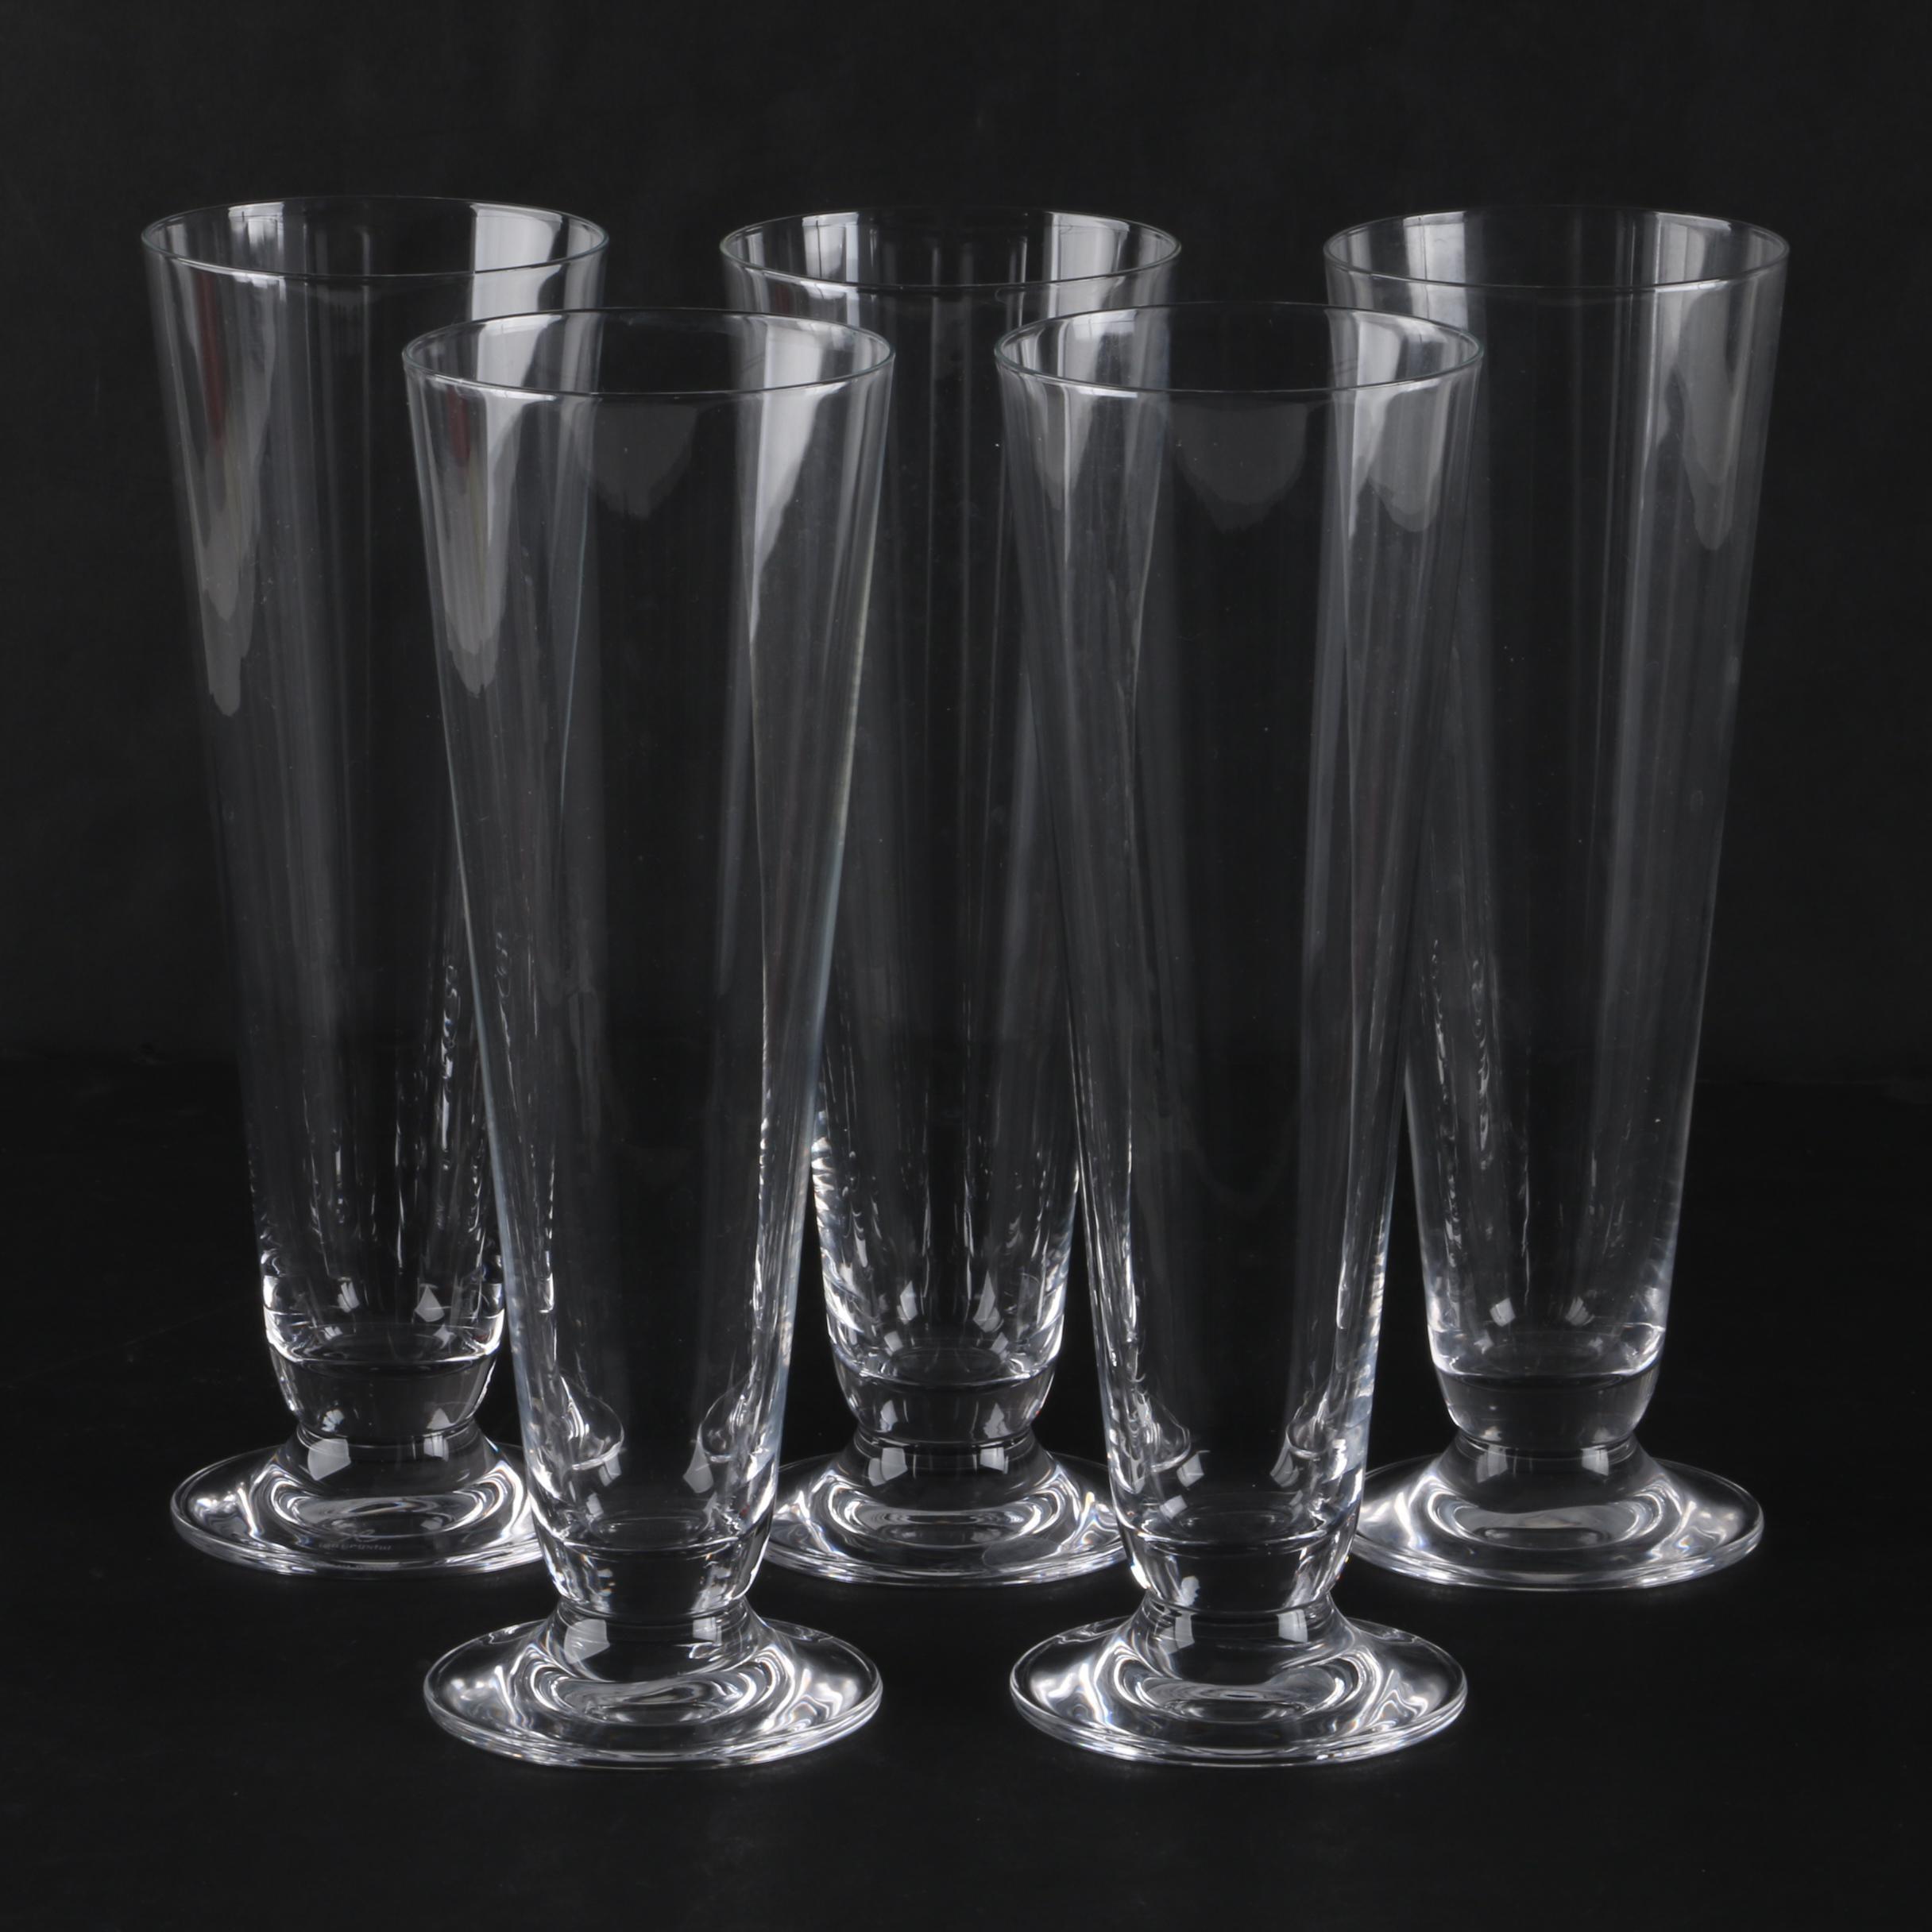 Inn Crystal Pilsner Glasses